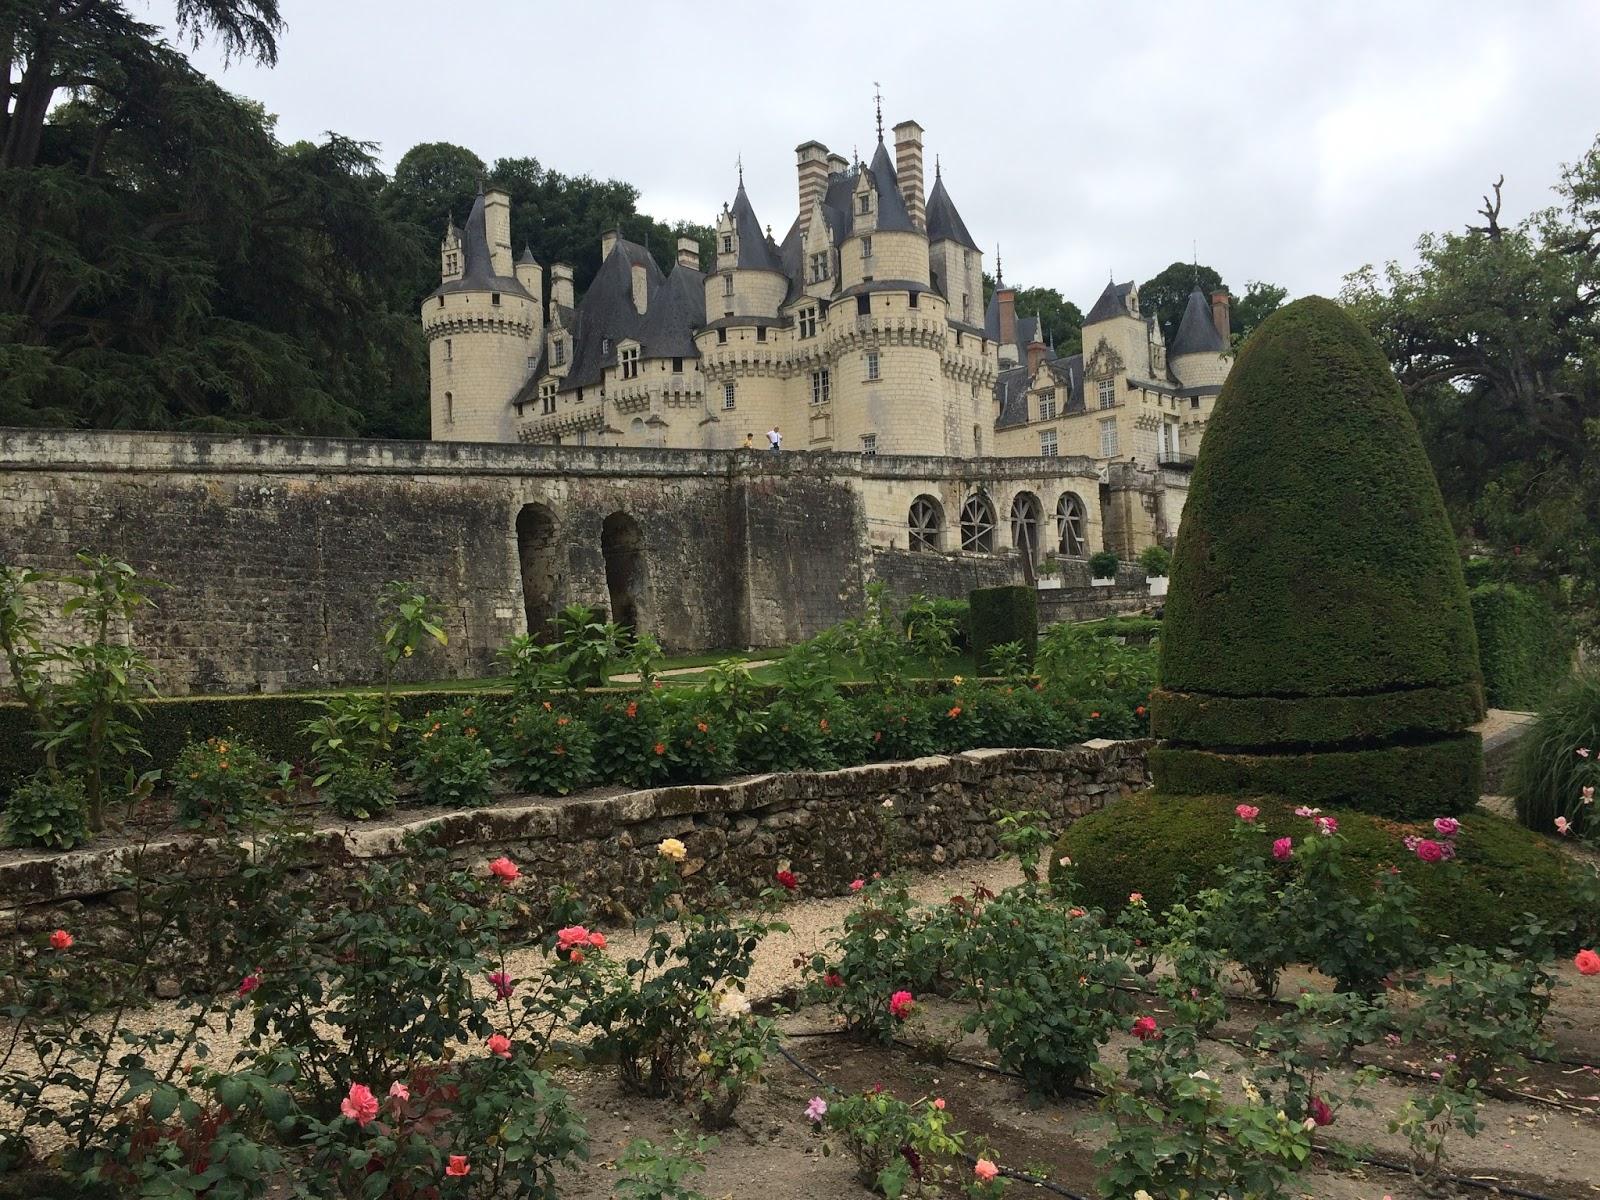 zamek w Usse, zamek śpącej królewny w Usse